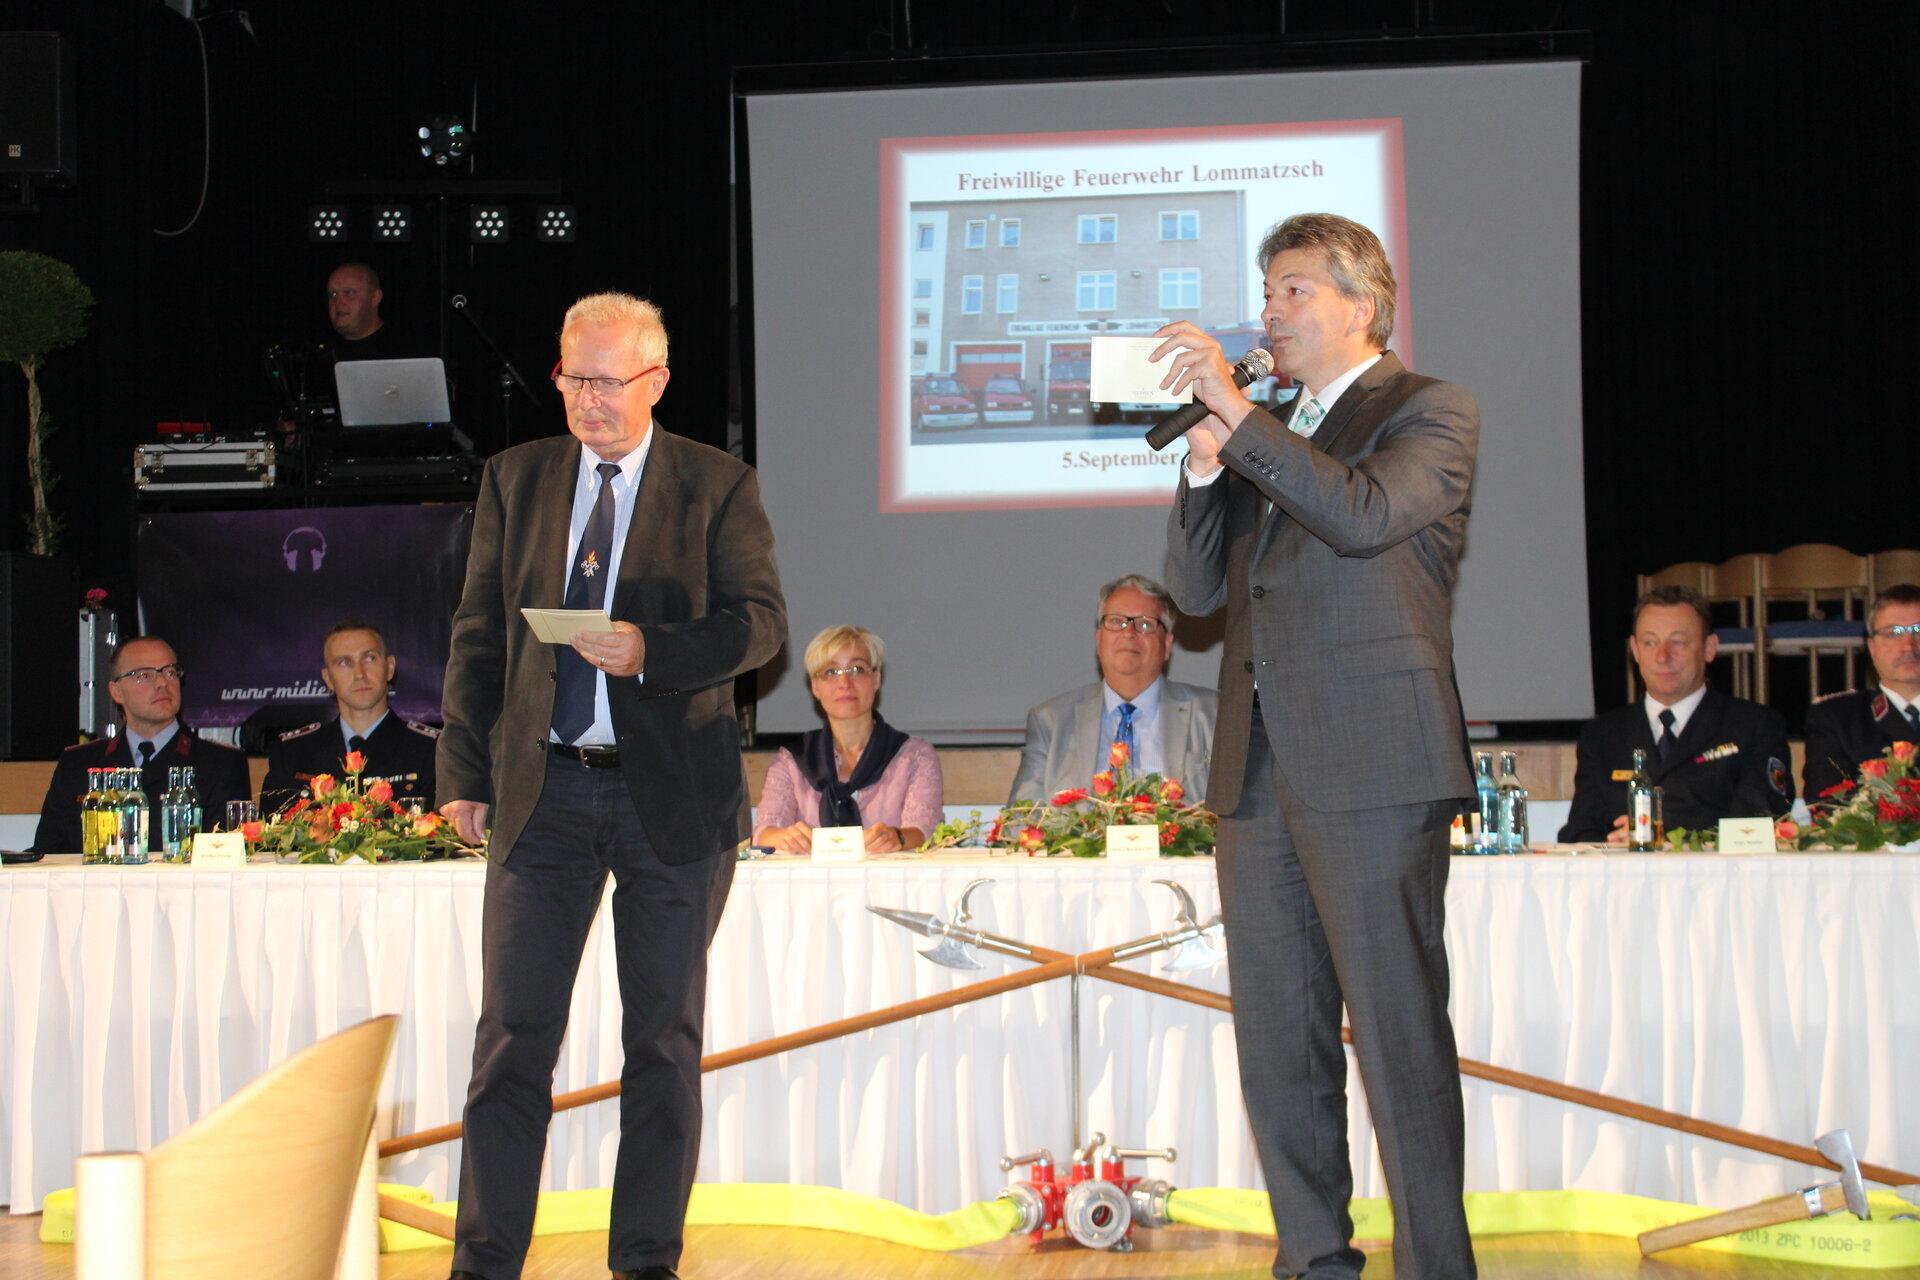 Festakt 150 Jahre FFw Lommatzsch